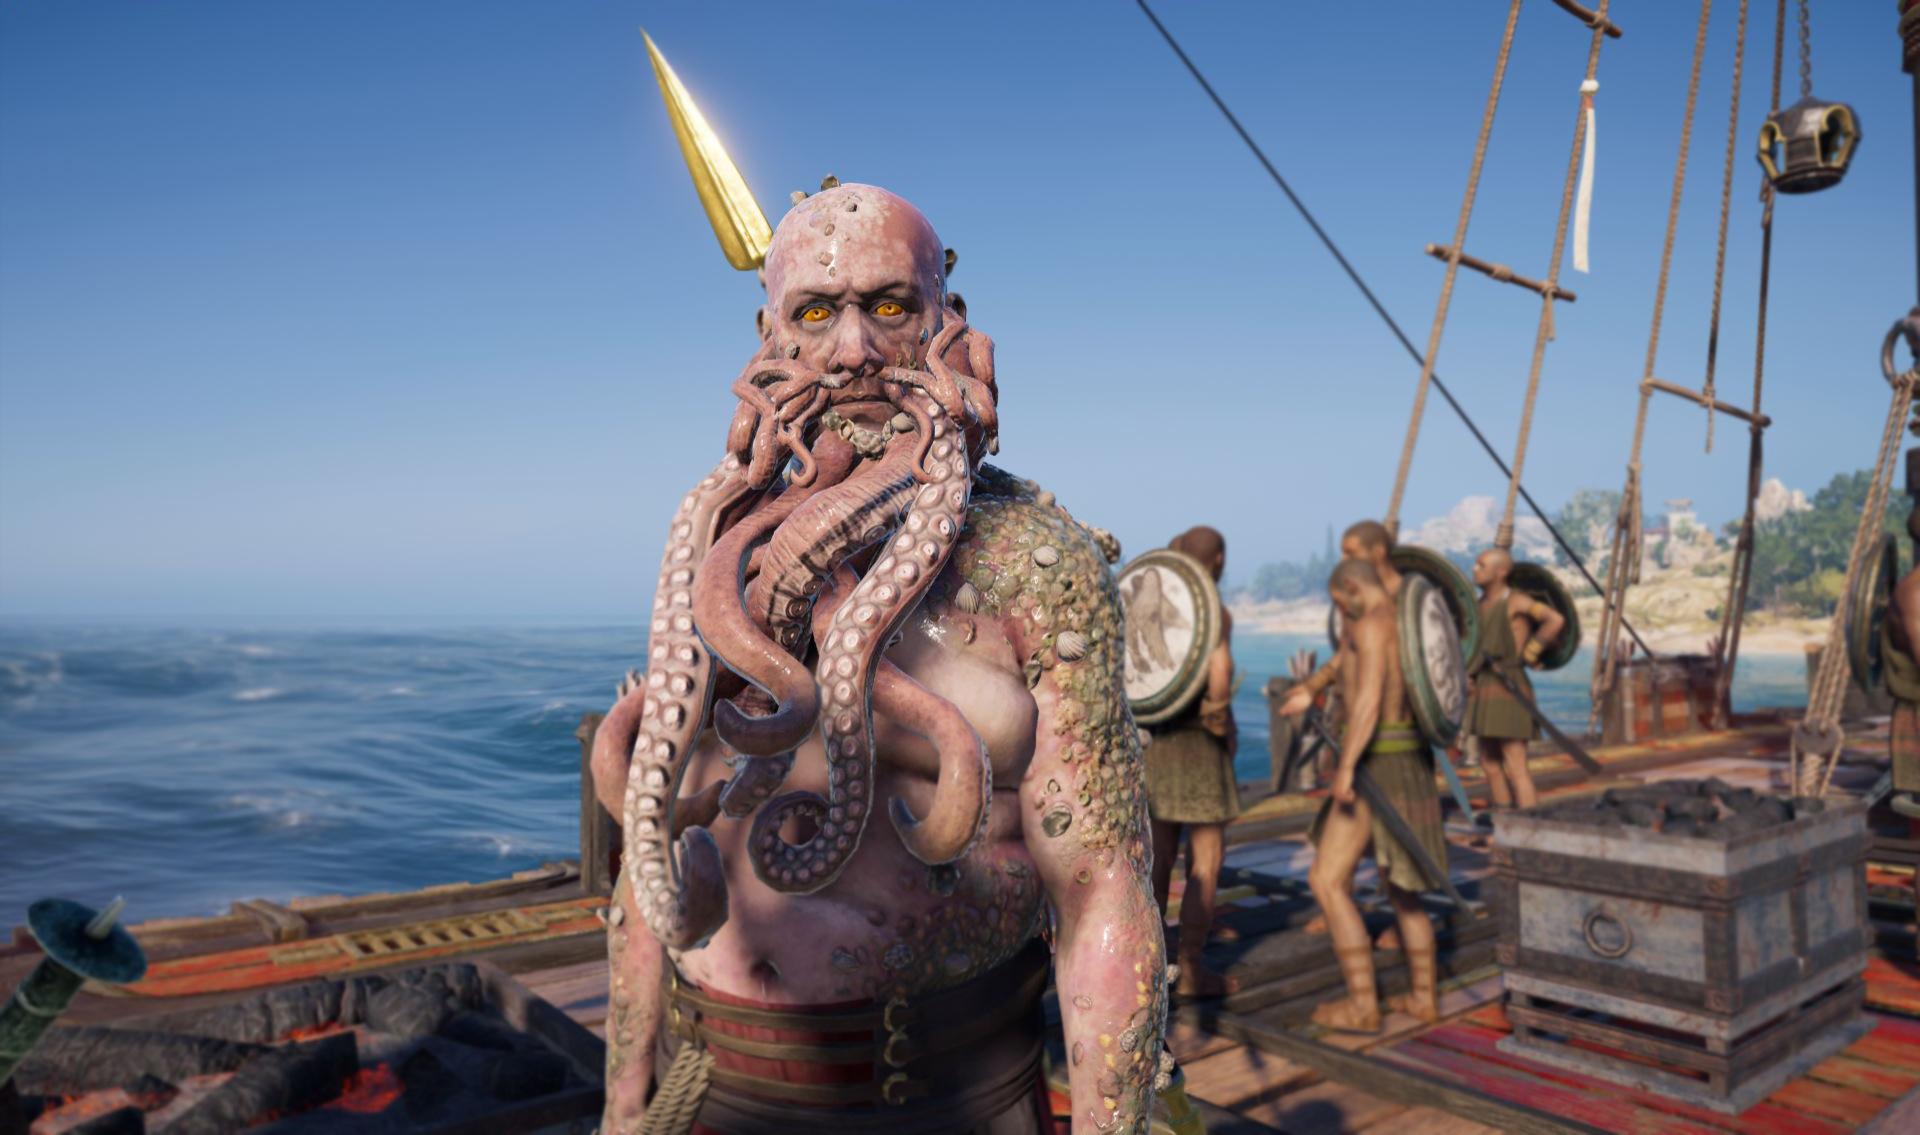 Gambar Dari Assassin S Creed Dapatkan Banyak Konten Di Bulan Maret 4 6